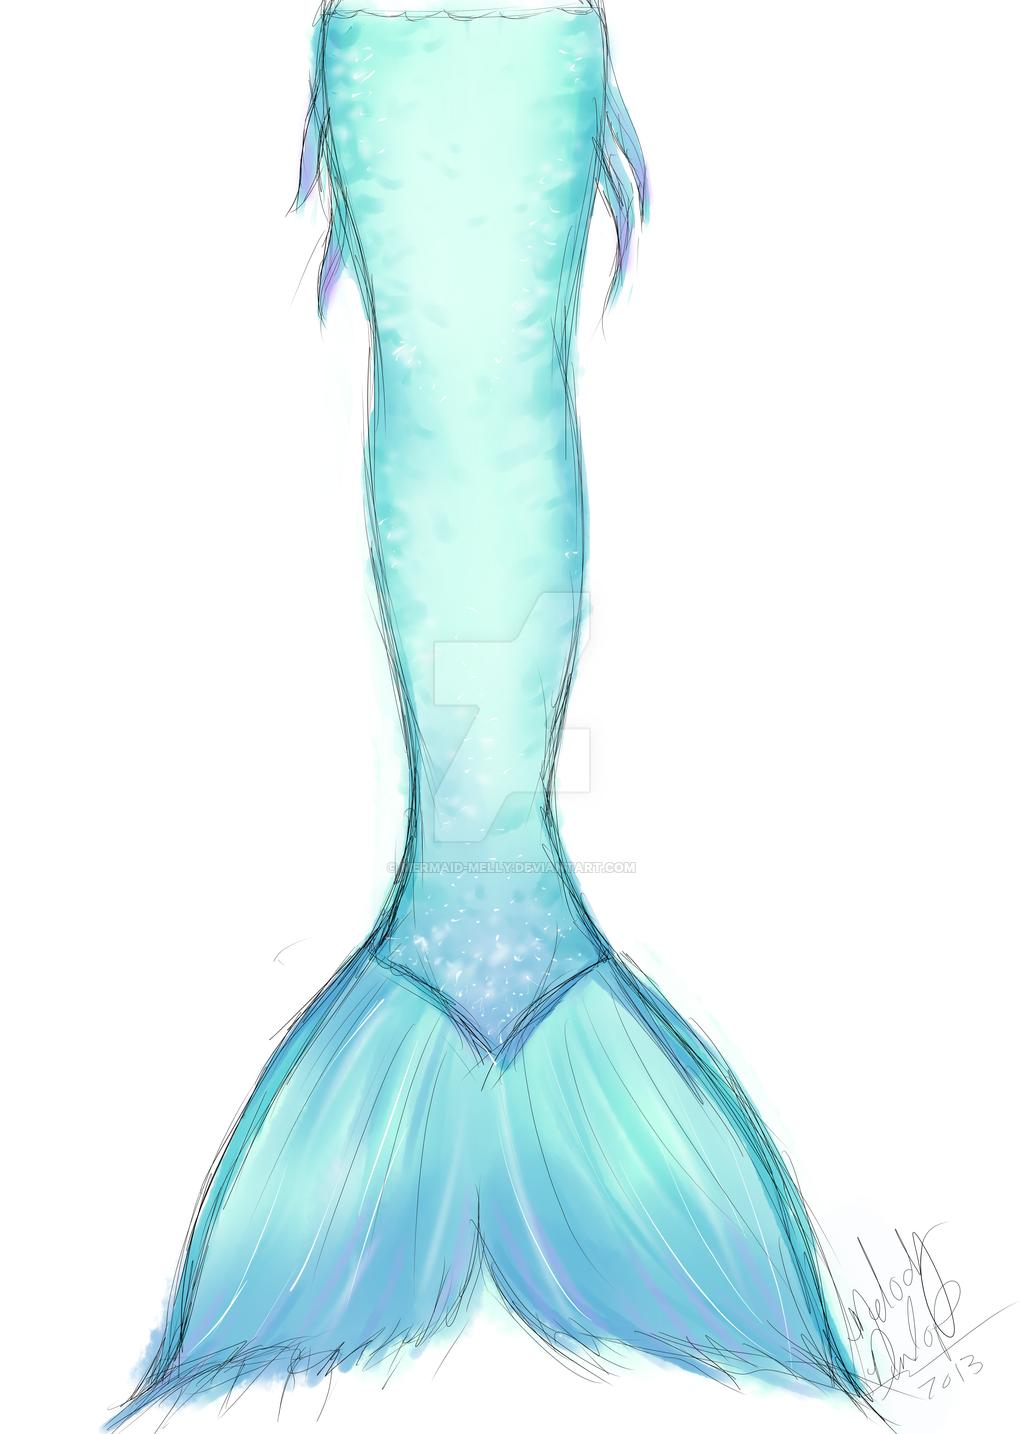 Mermaid Tail Design (sketch/idea) by Mermaid.